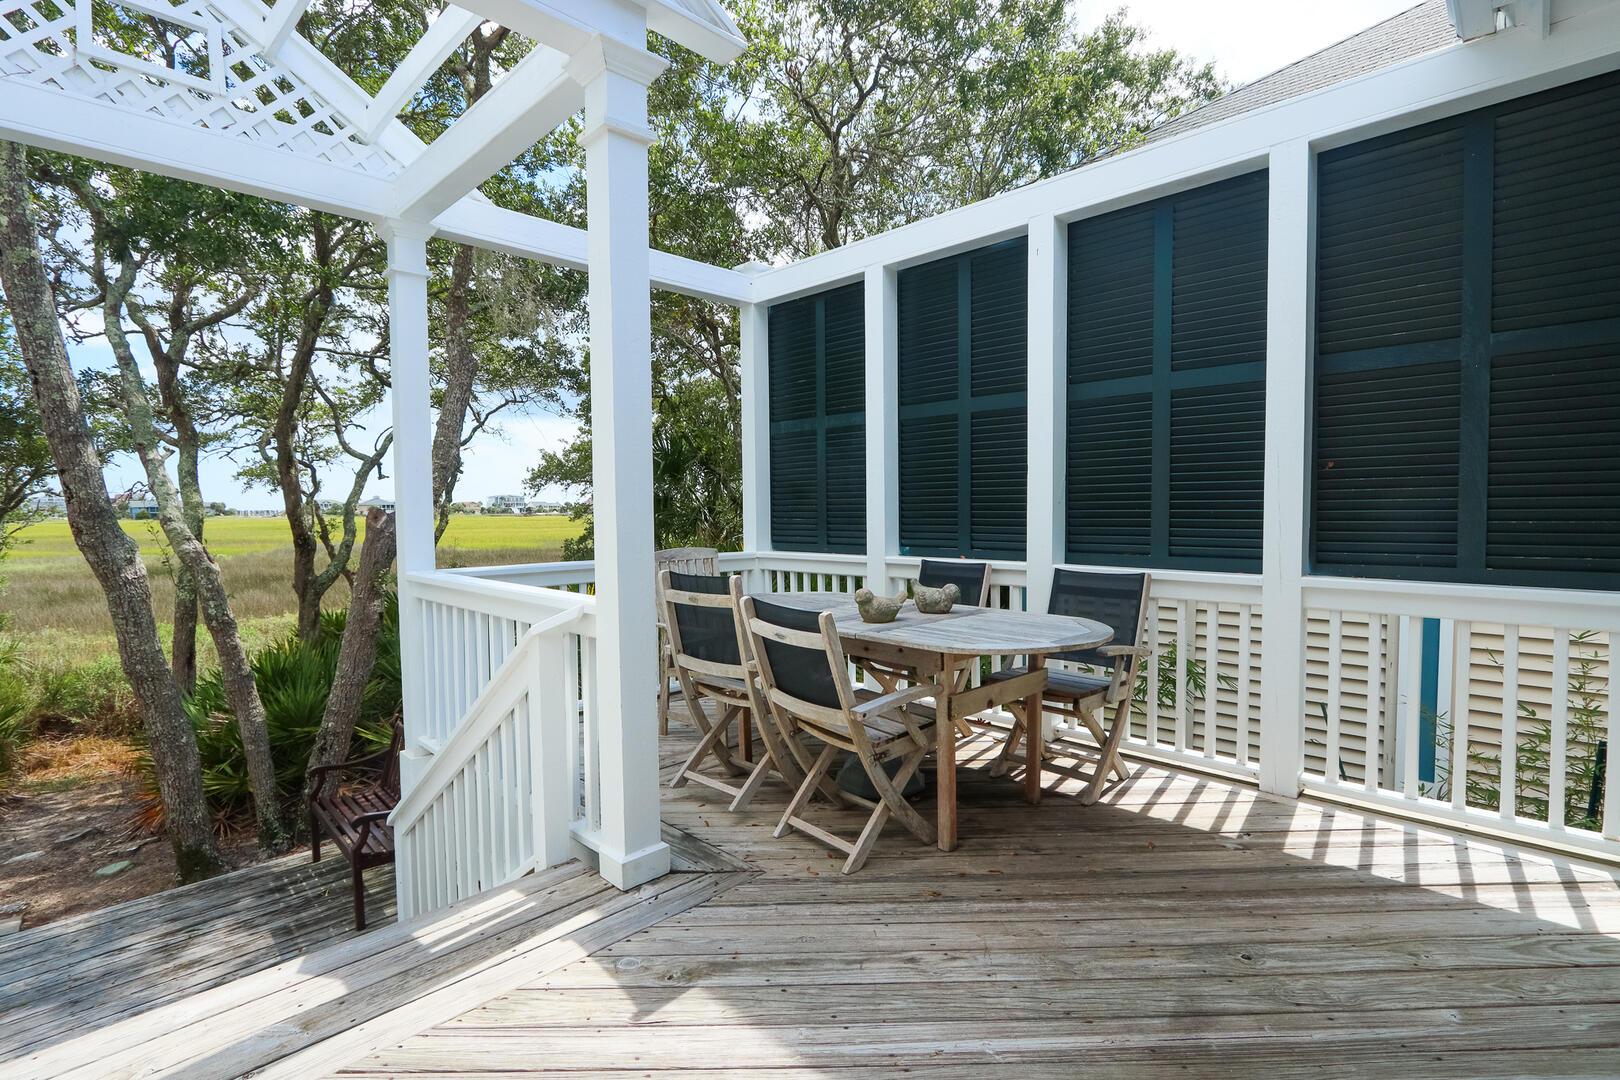 Back deck outdoor dining overlooking marsh